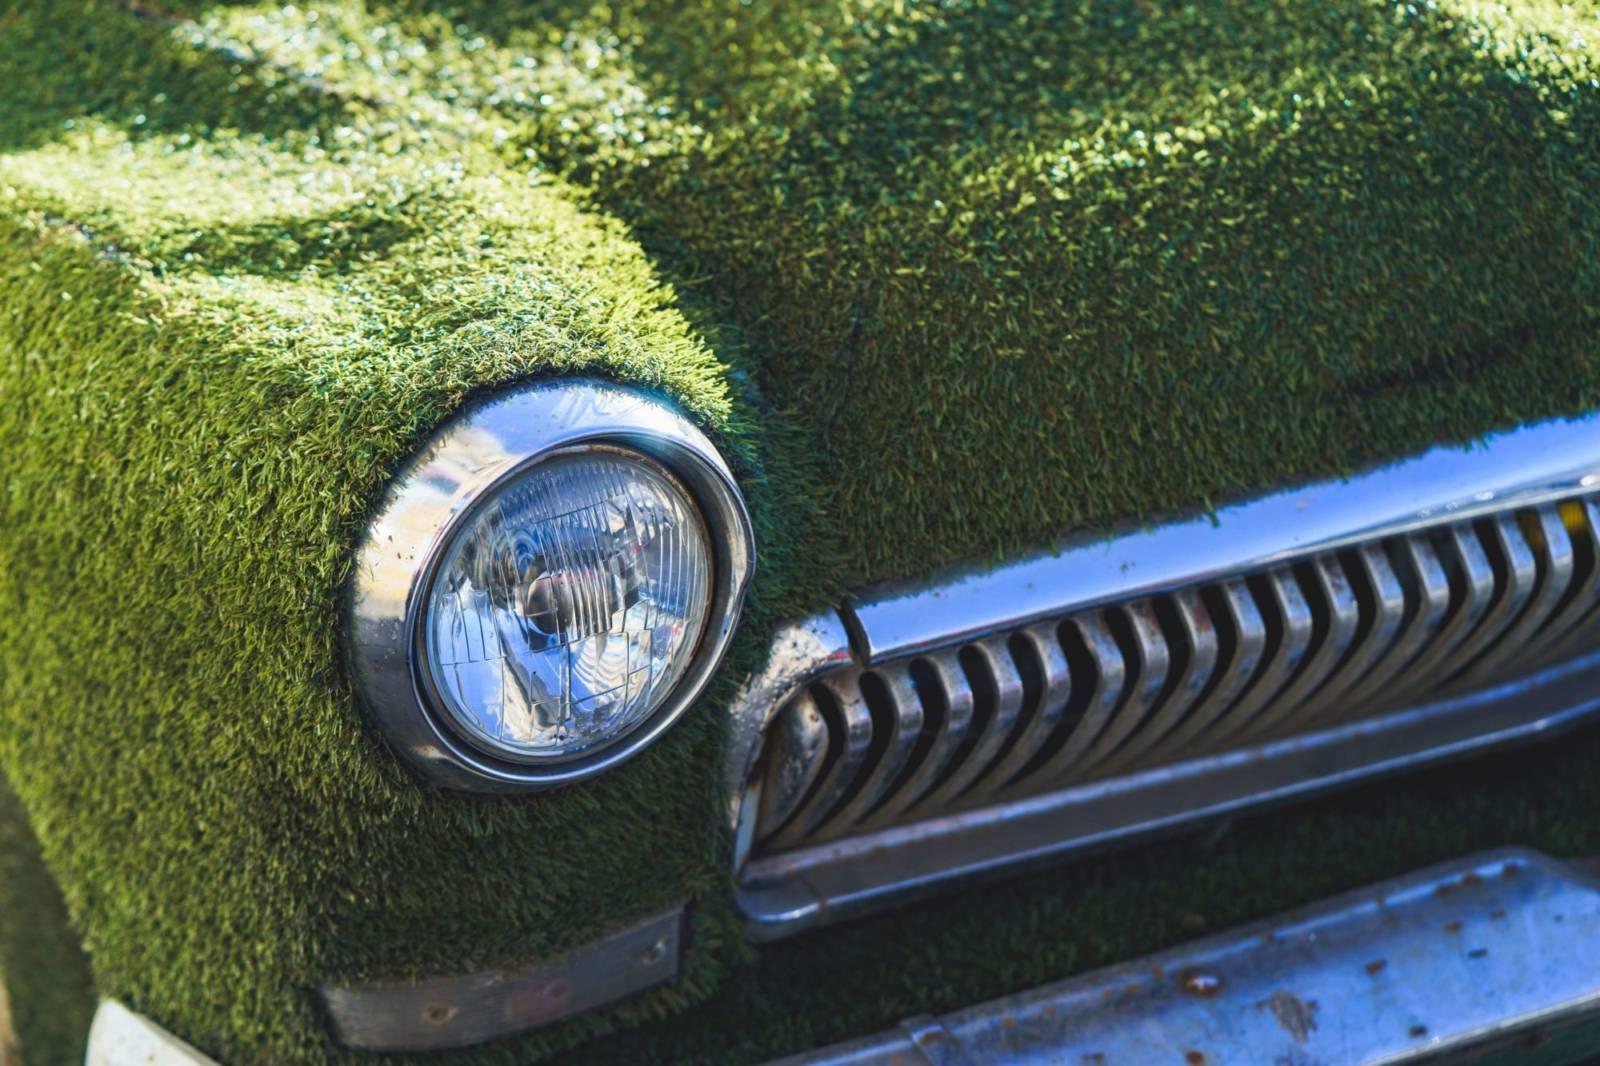 Nachhaltigkeit im Fuhrpark - So betreiben Sie mit einer green fleet nachhaltiges Fuhrparkmanagement.